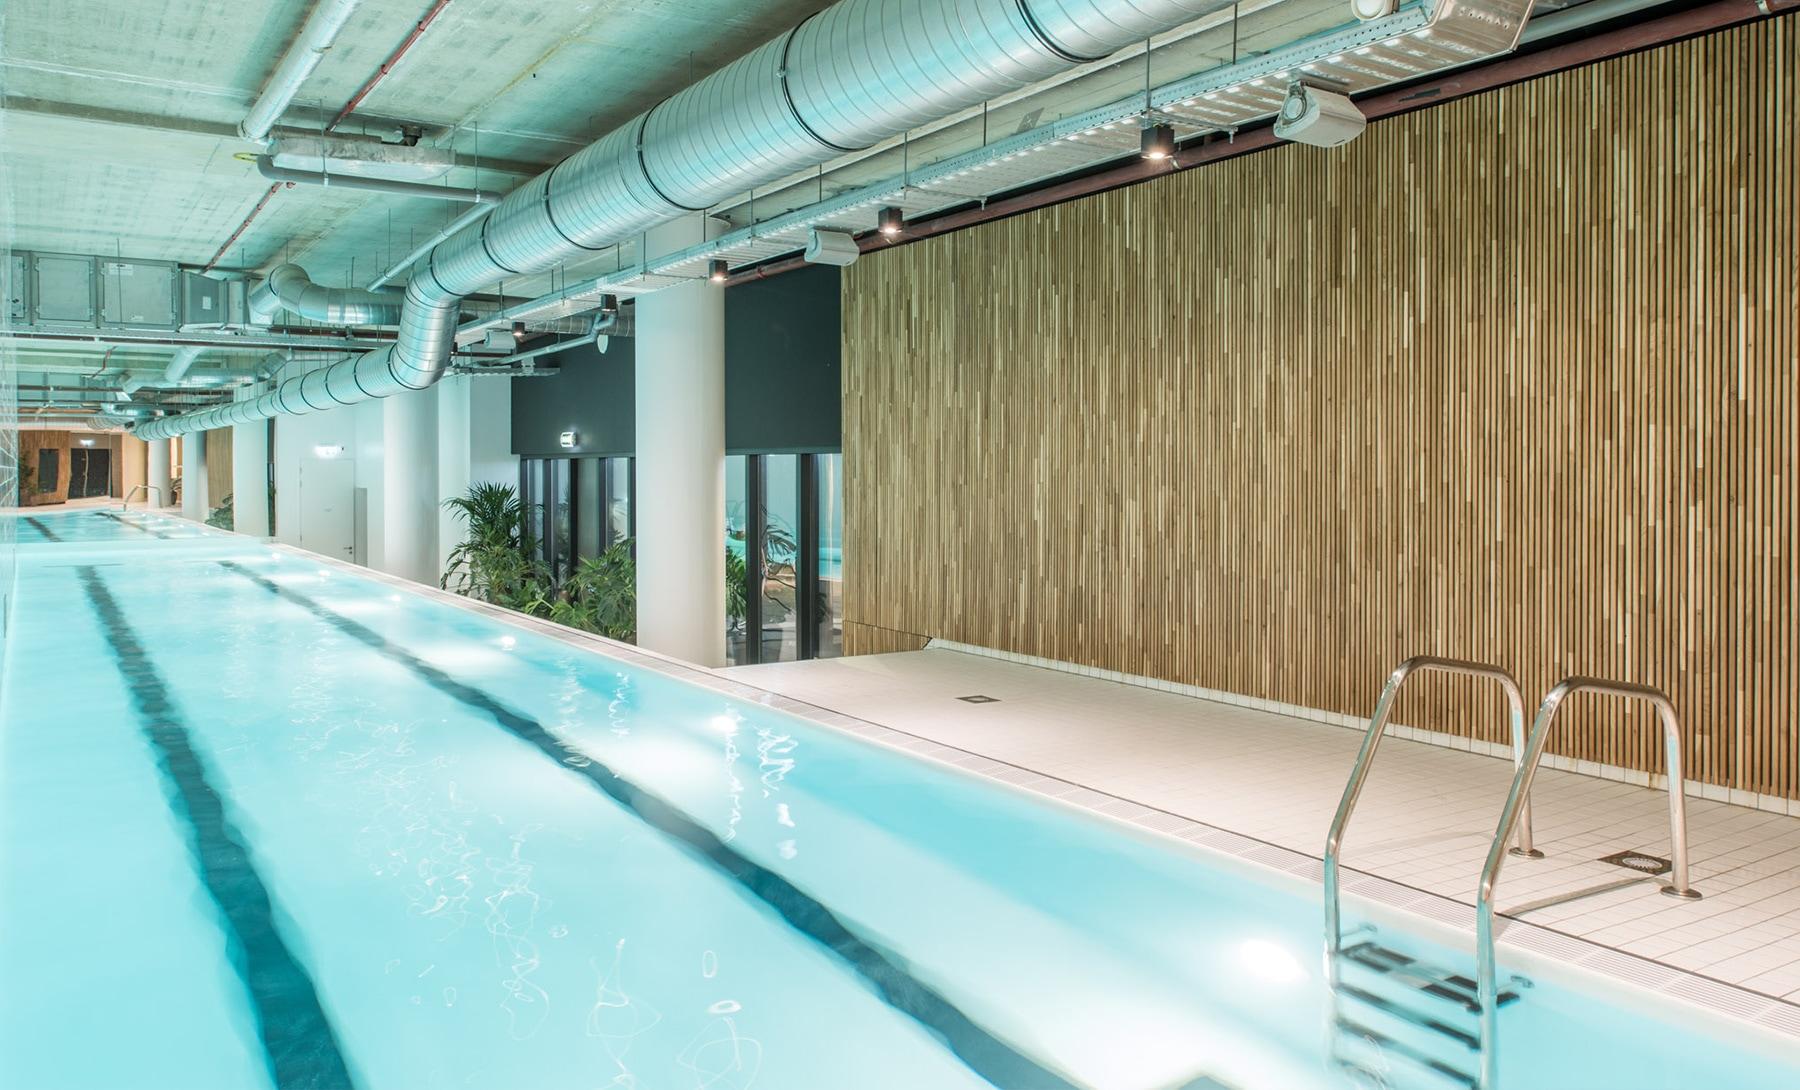 Luxe villa tuinen zwembad tuin vakantiehuis in vrh huren